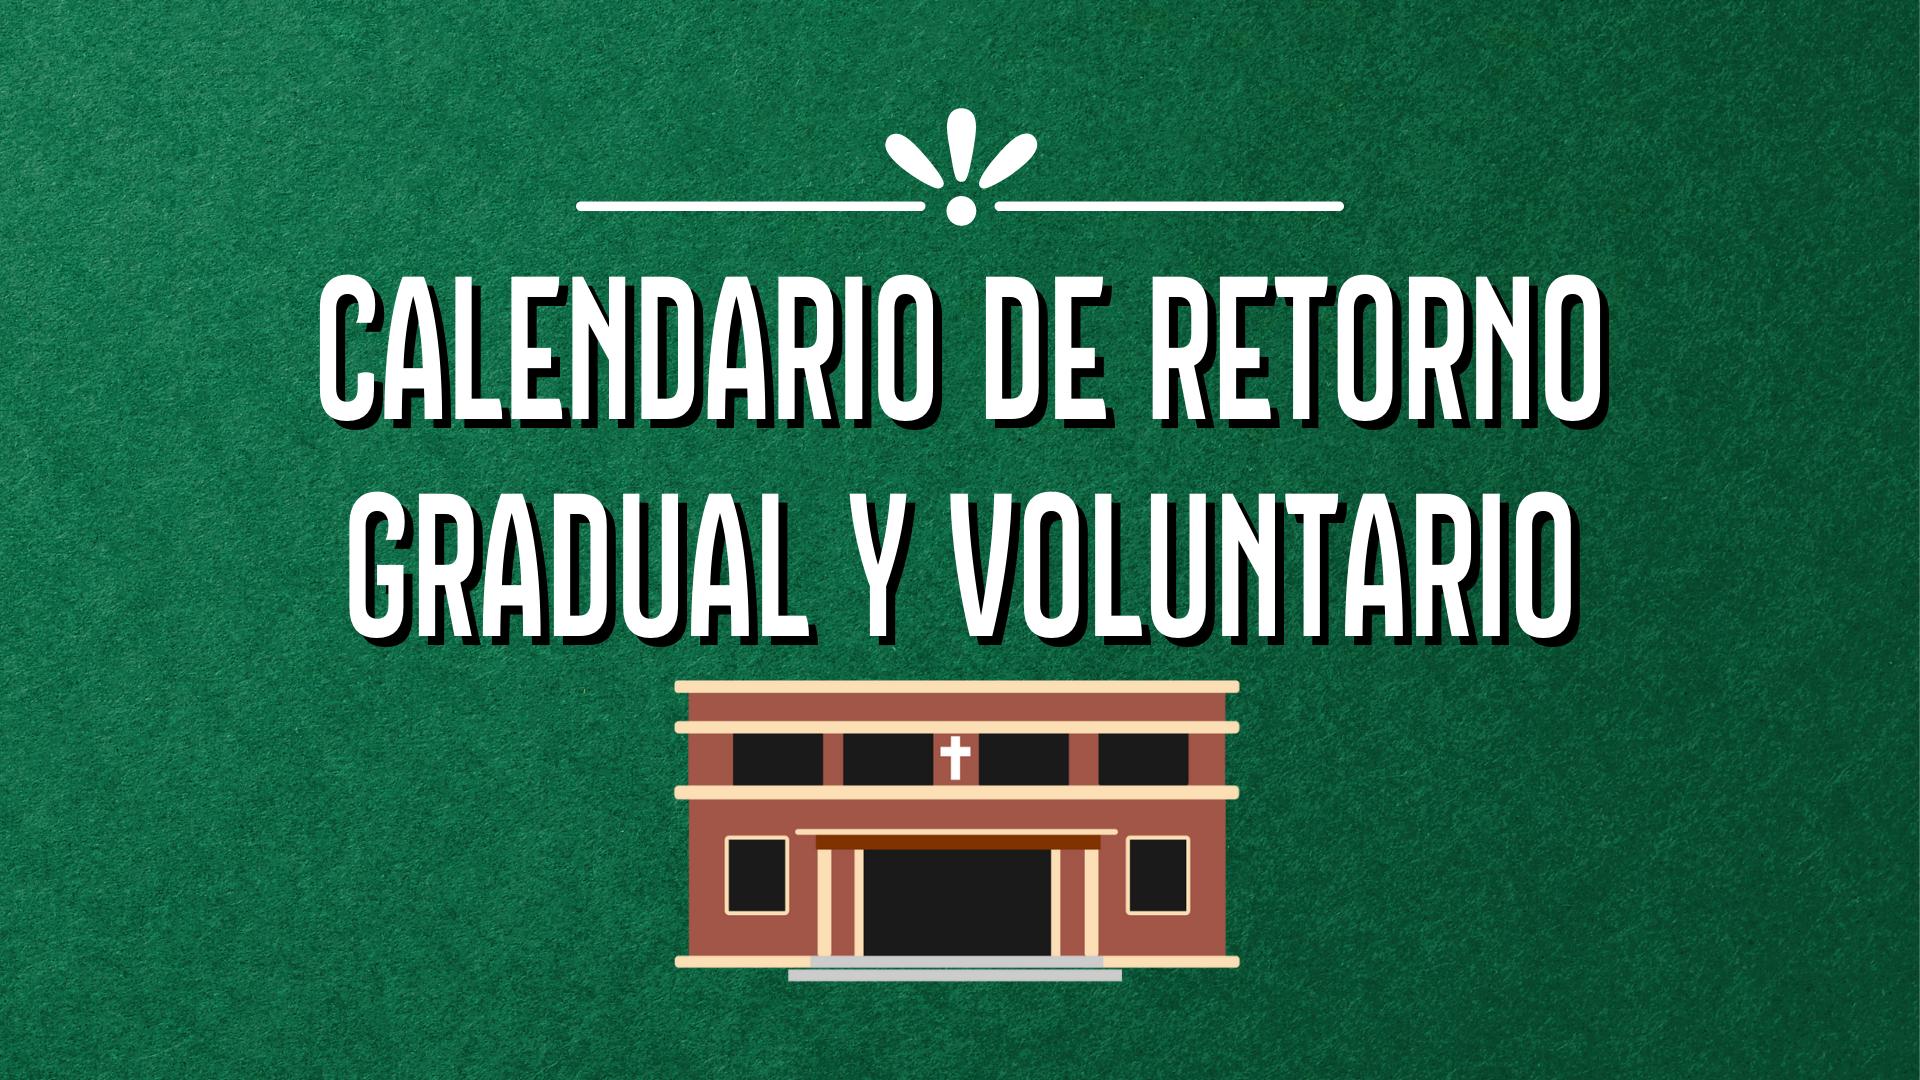 Calendario de retorno gradual y voluntario